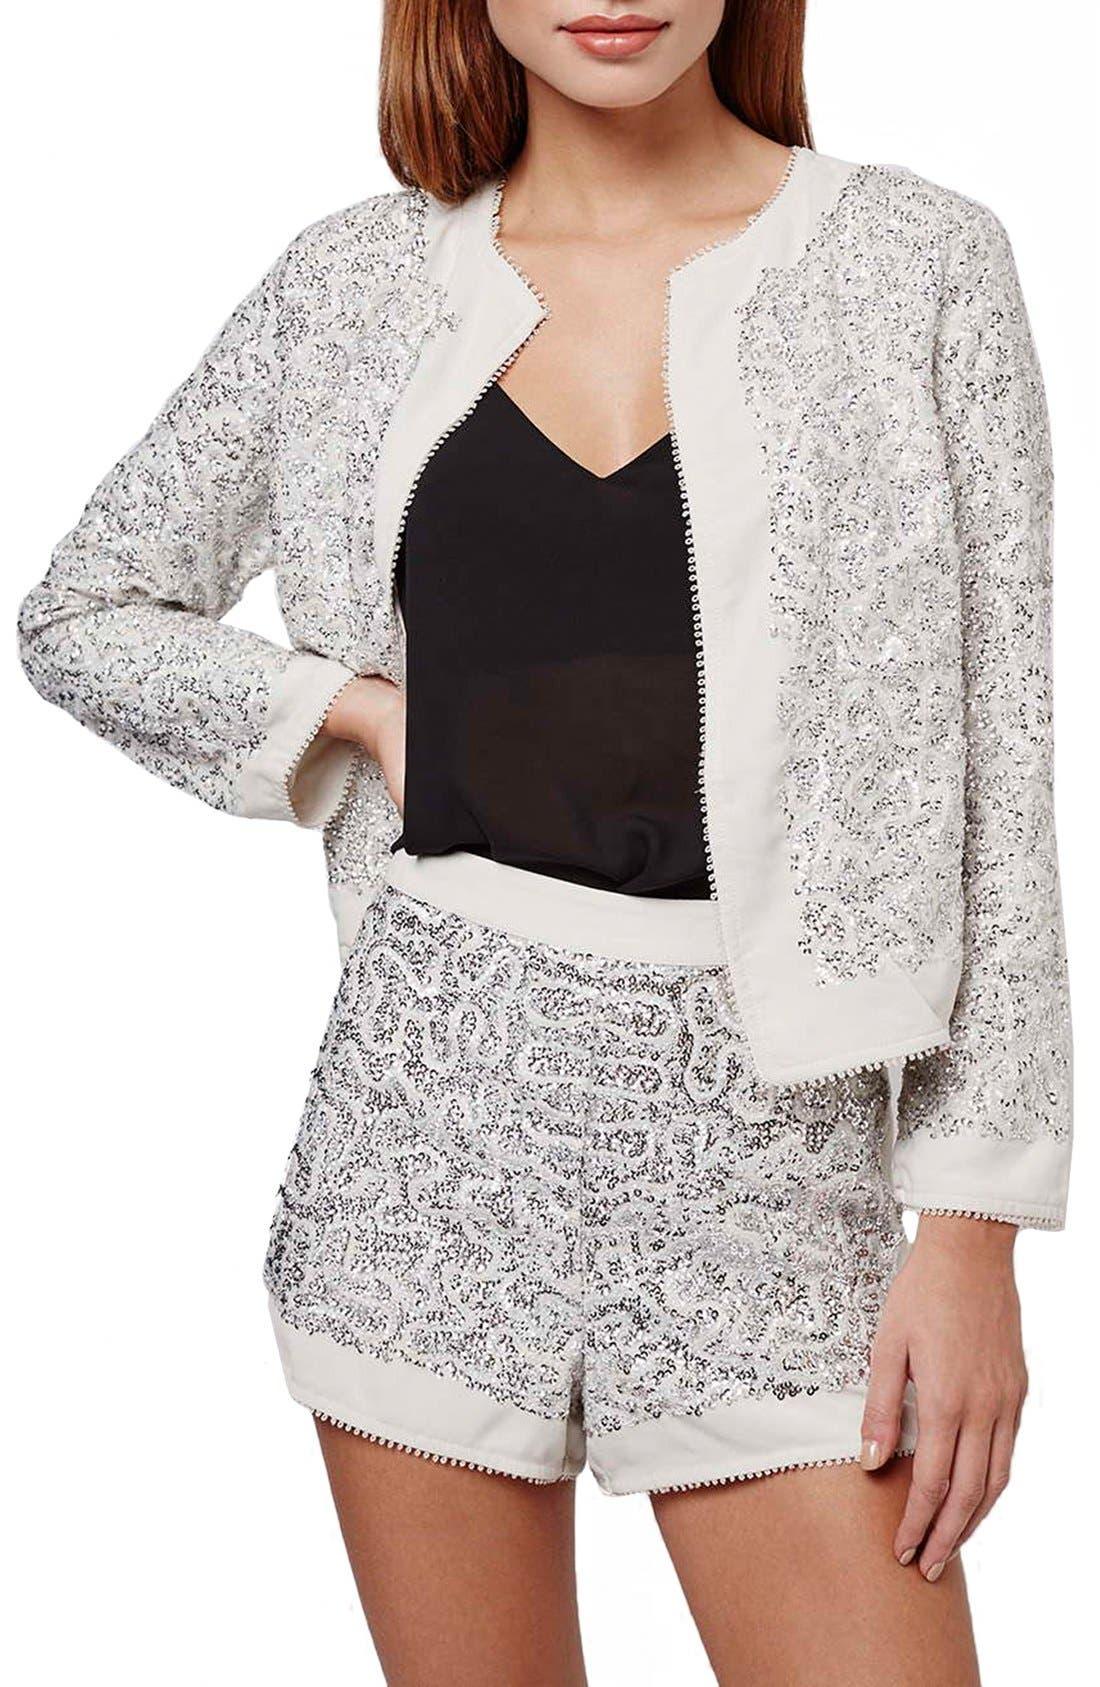 Alternate Image 1 Selected - Topshop Sequin Embellished Jacket (Petite)